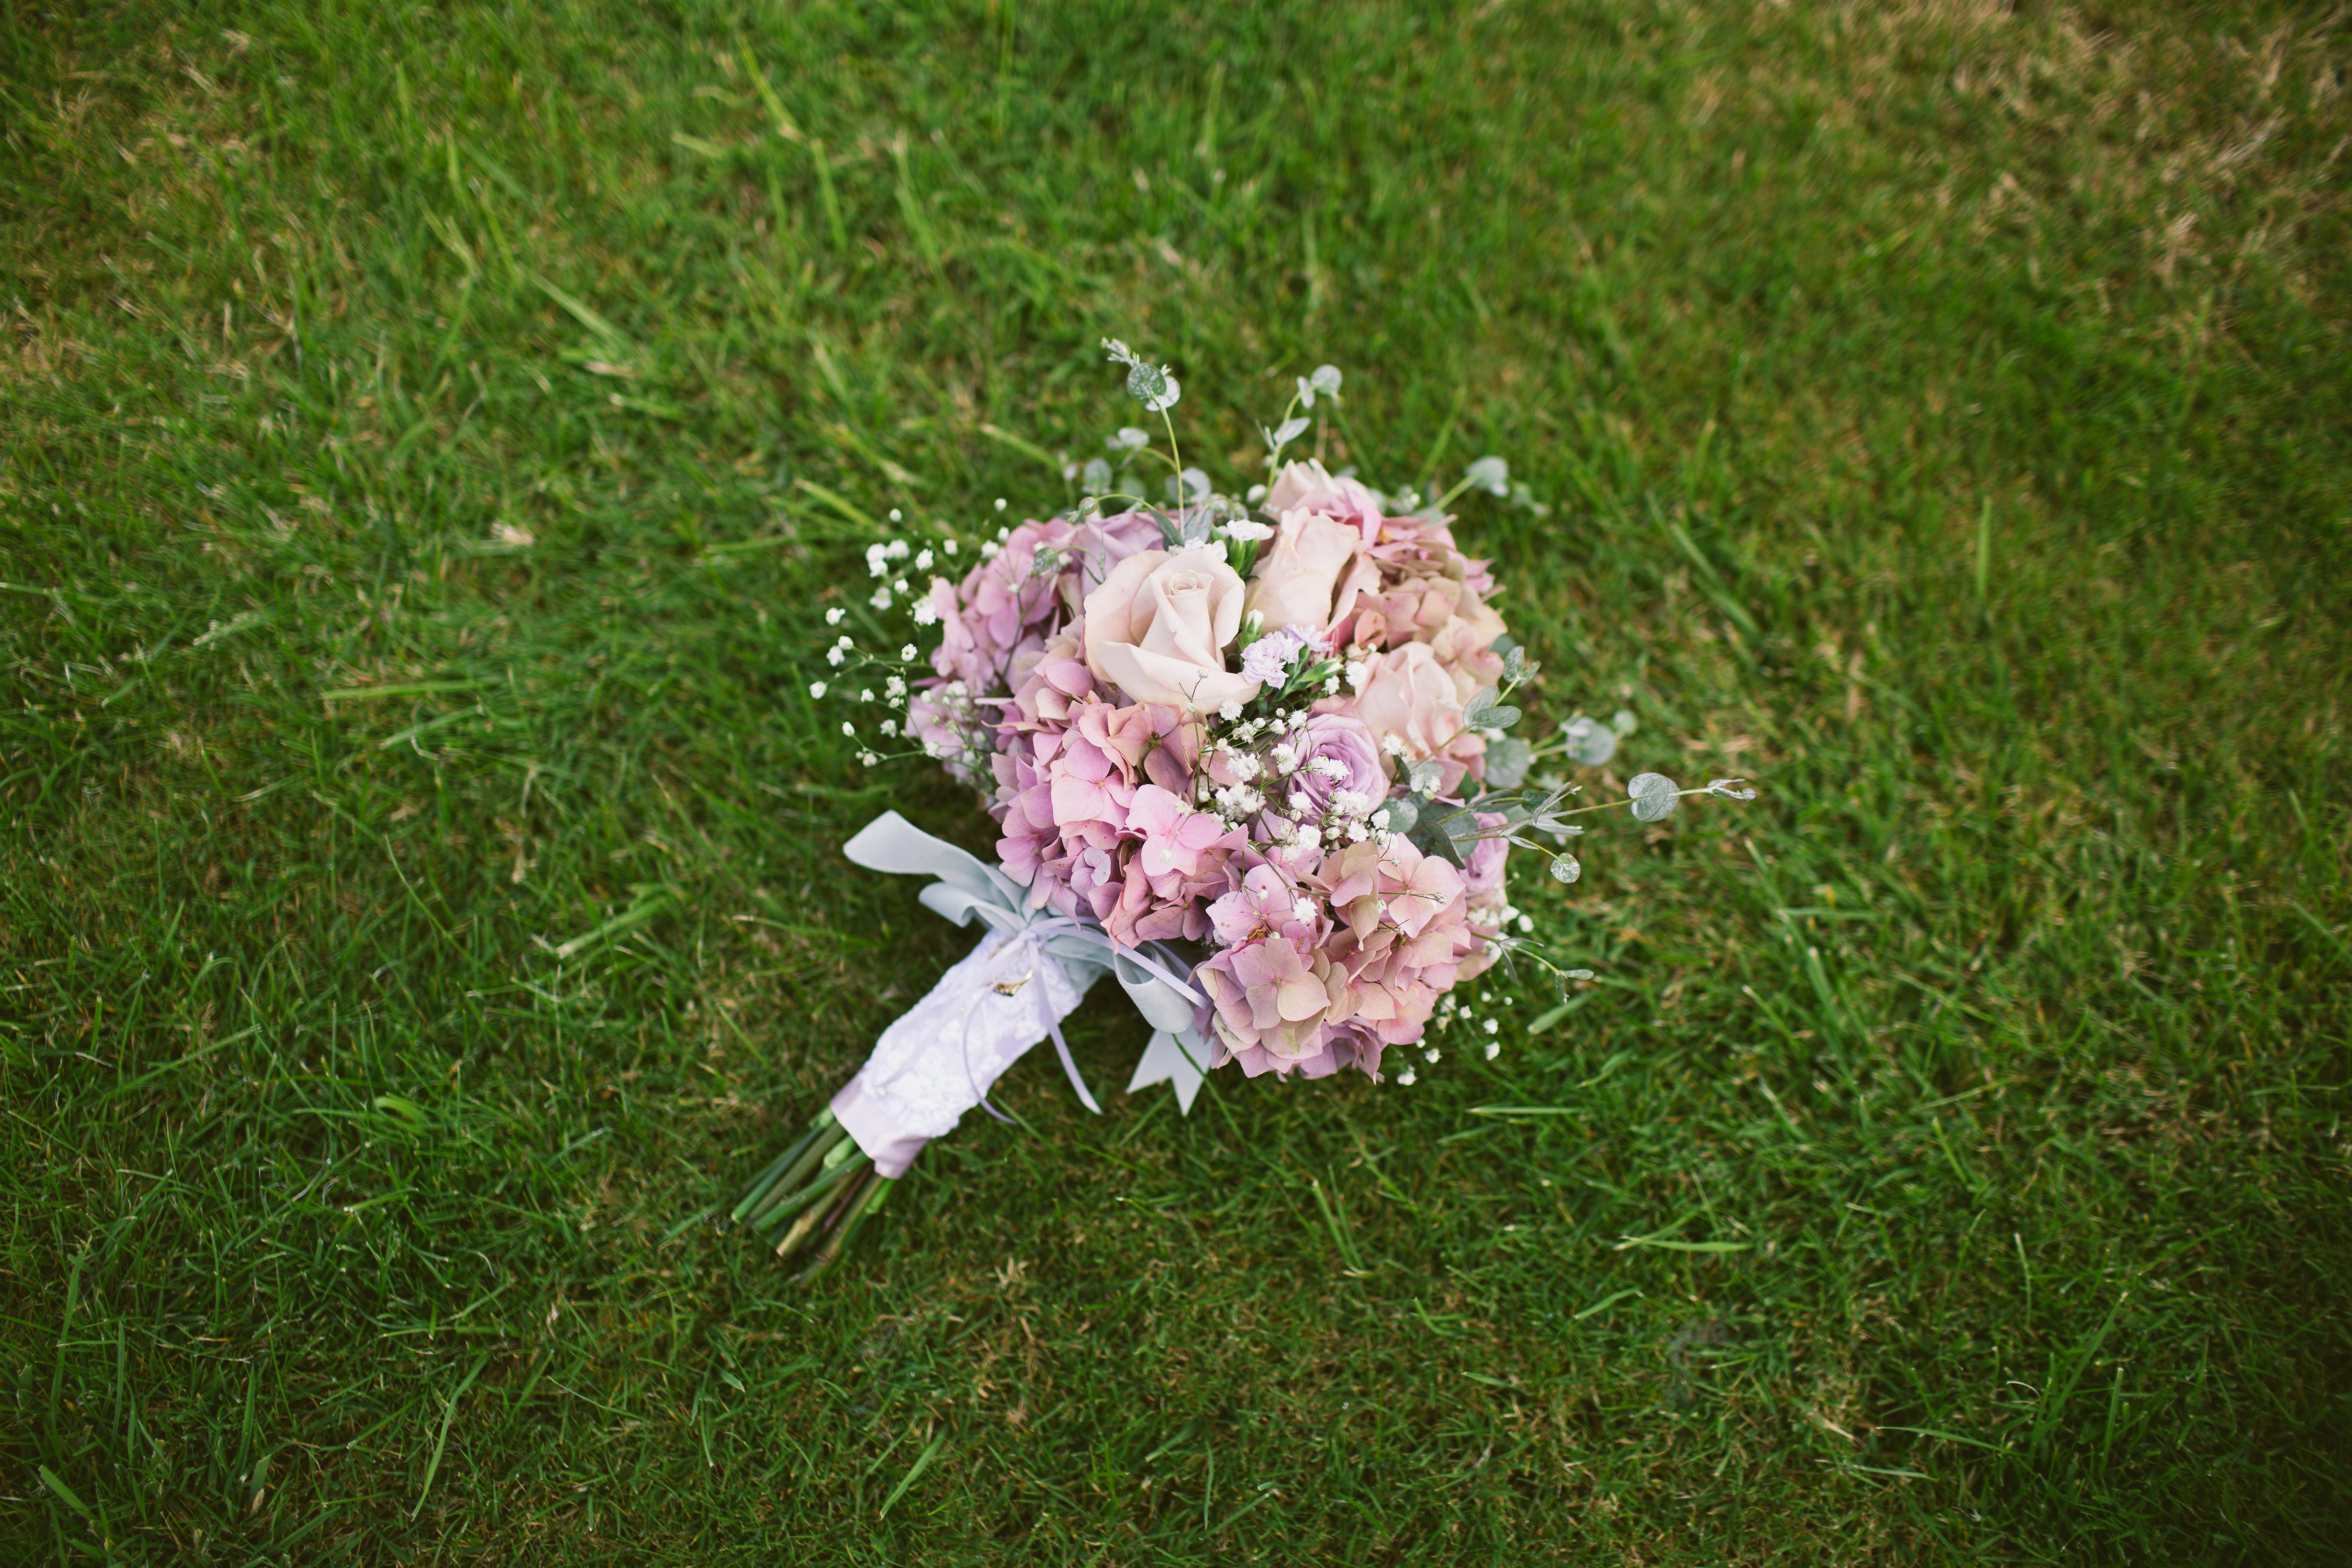 flower bouquet on grass